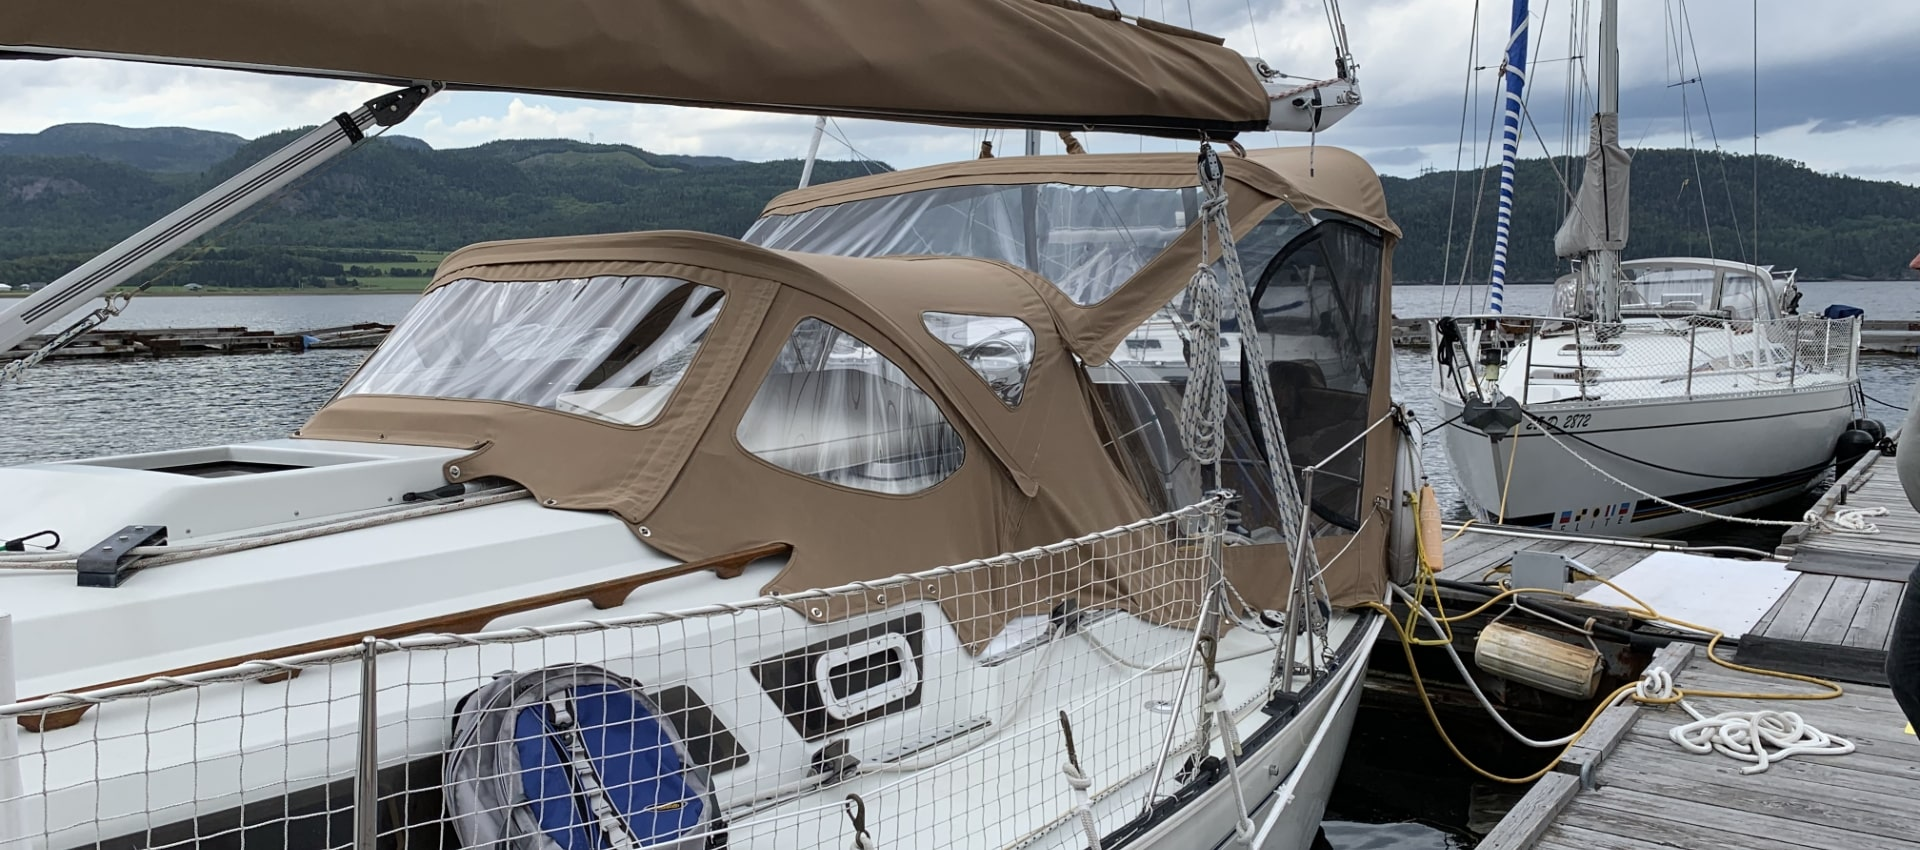 Toiles de bateaux | Secteur particulier